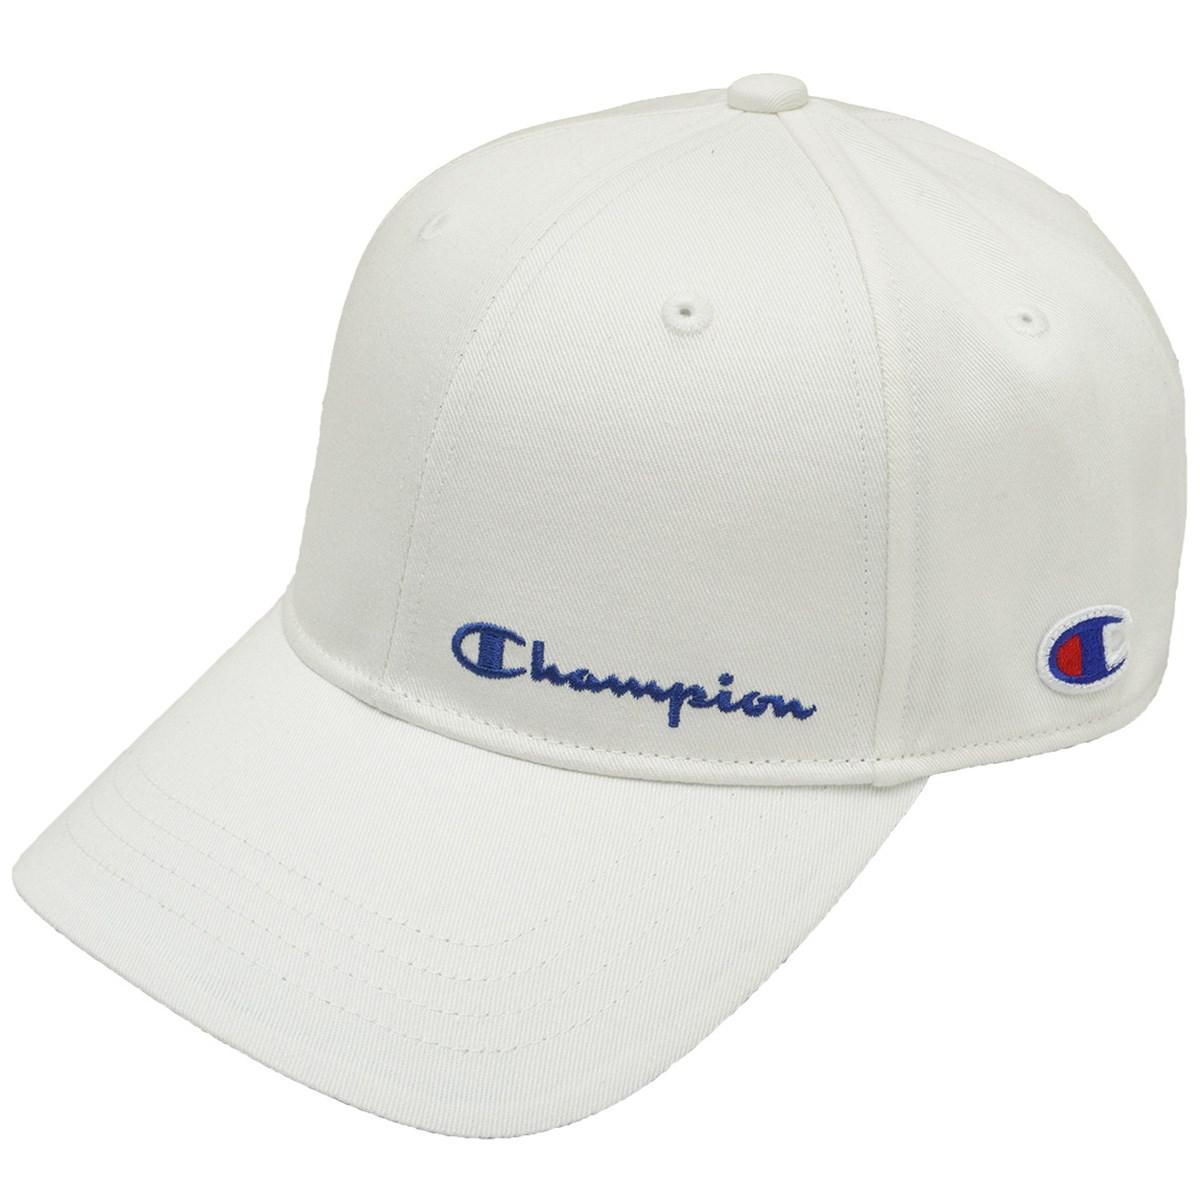 チャンピオンゴルフ Champion GOLF キャップ フリー ホワイト 010